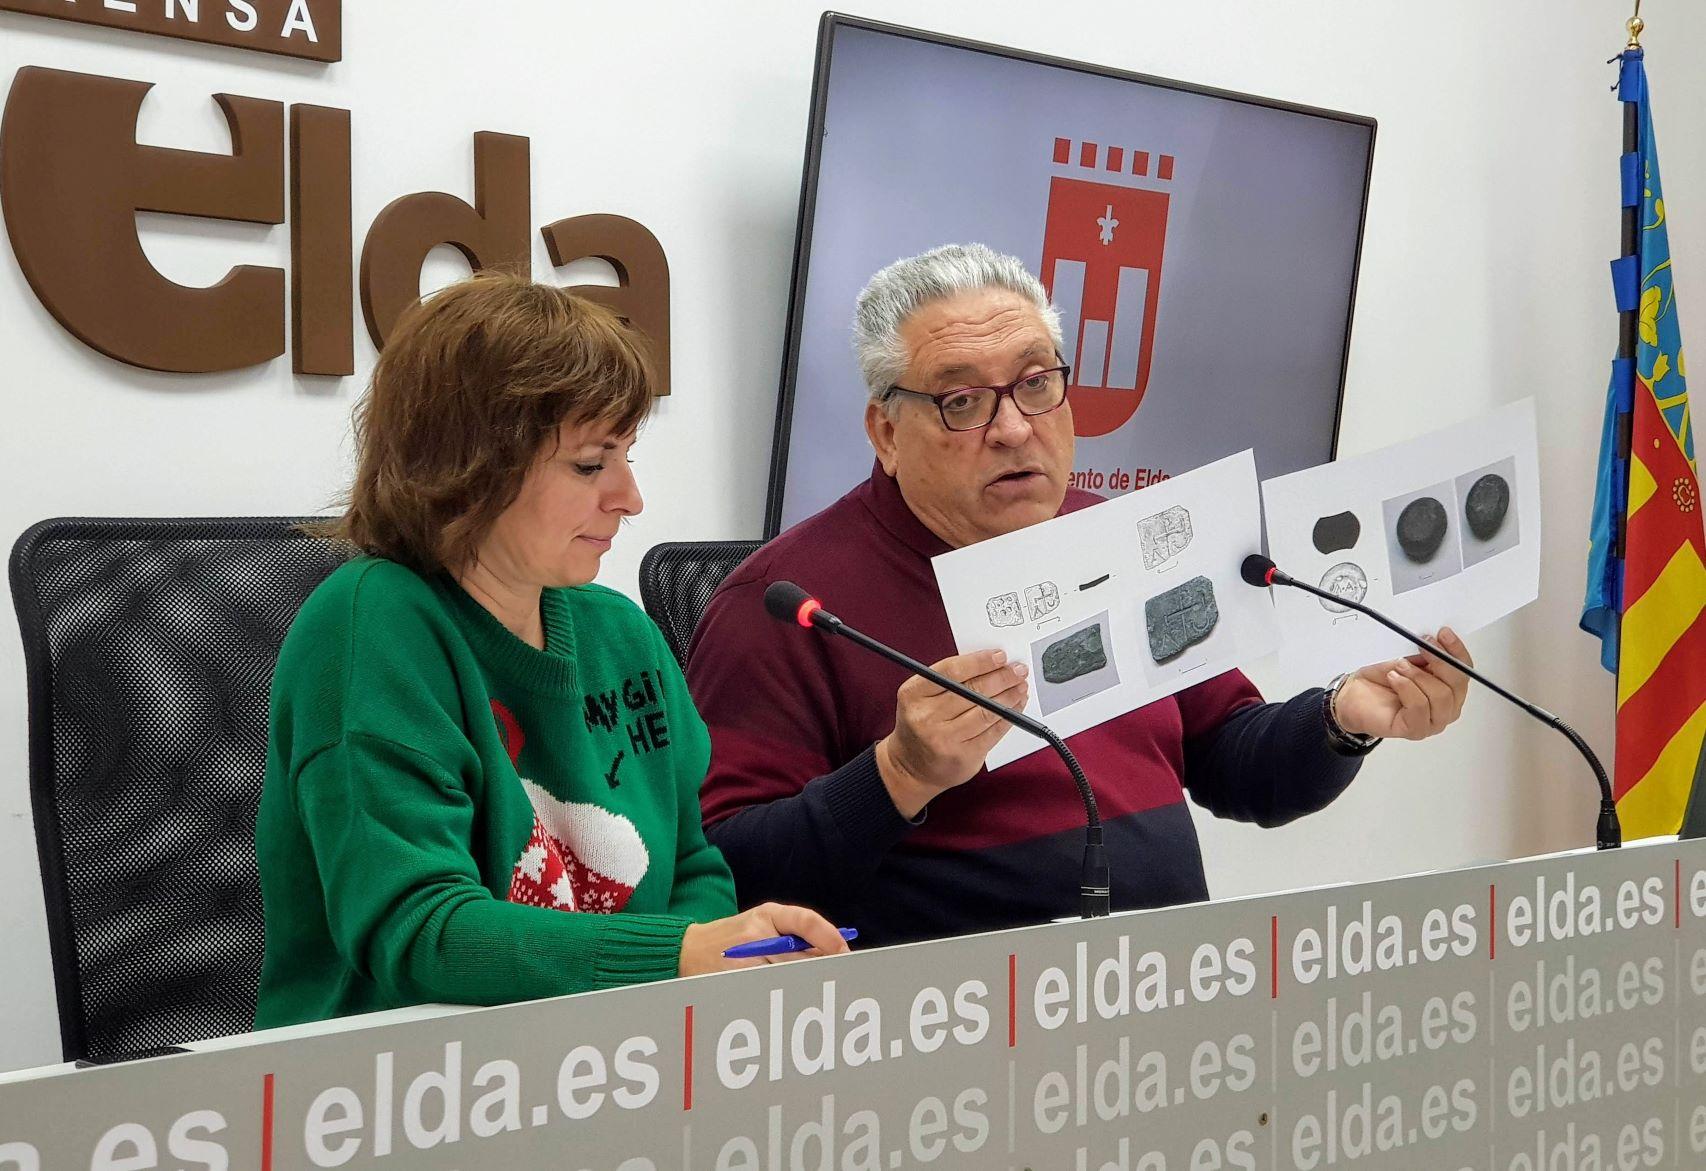 El Museo Arqueológico de Elda participará en un Taller Científico Internacional en la Universidad de Lovaina